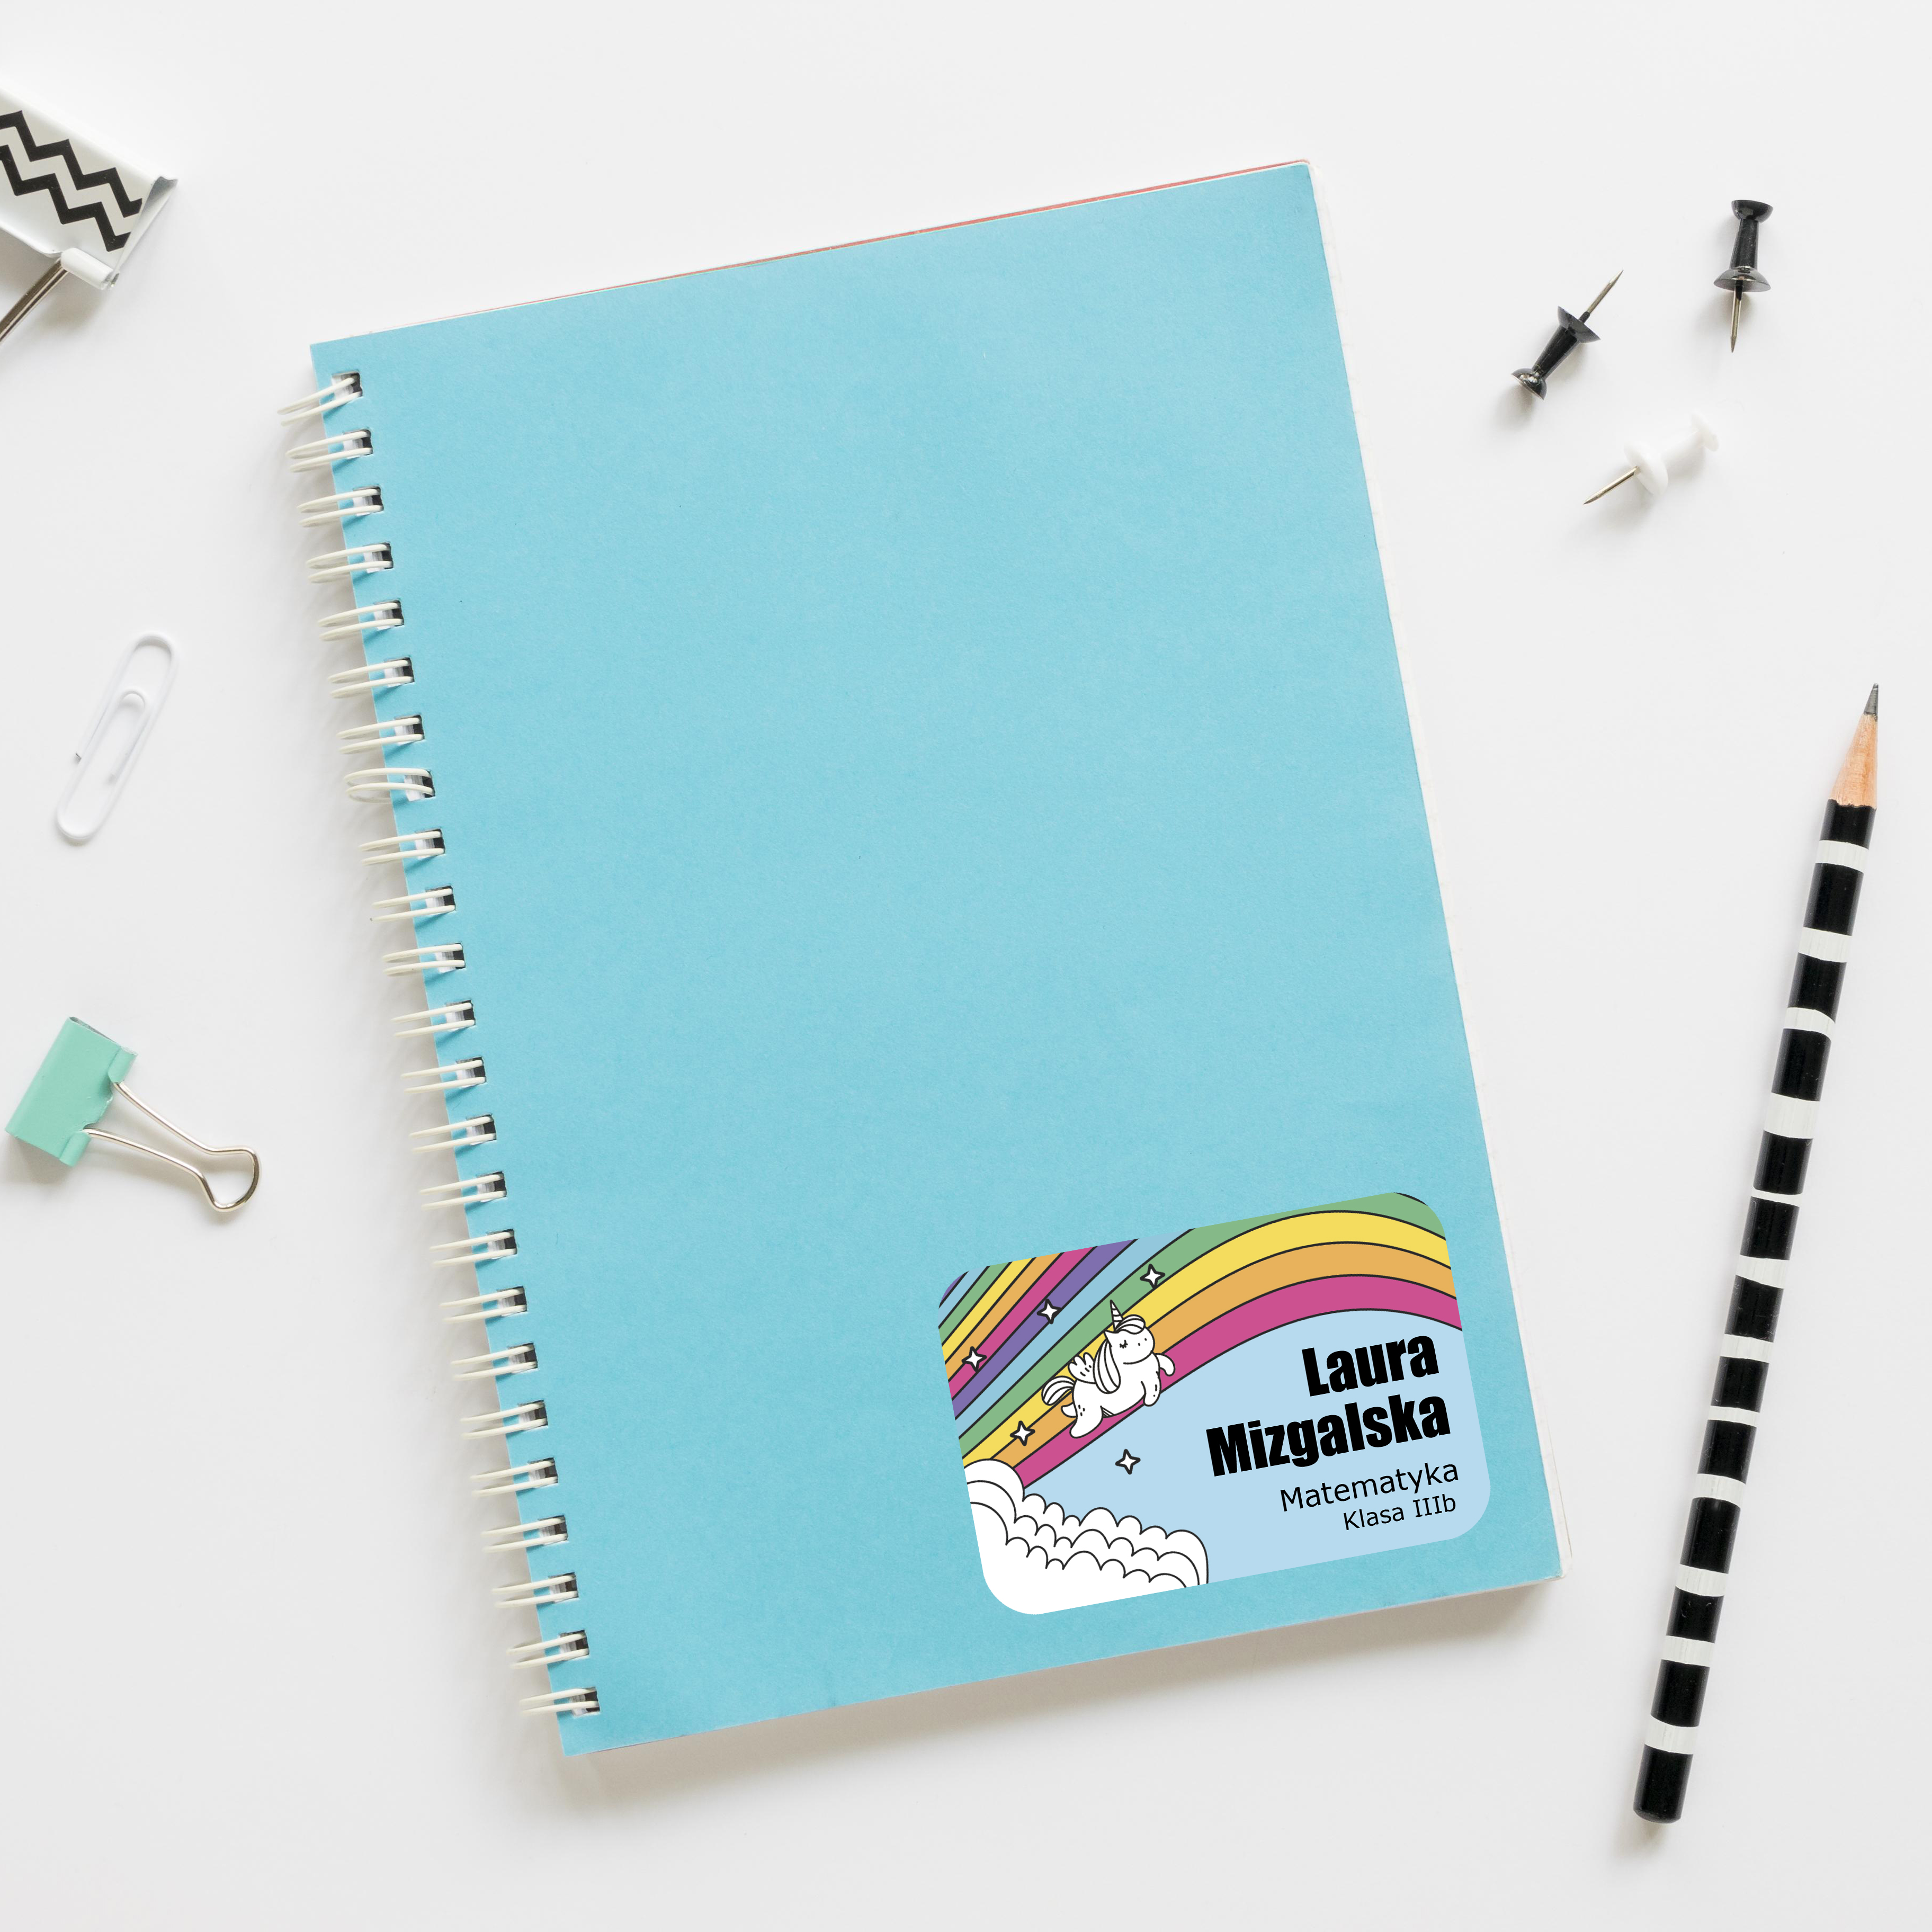 Naklejki na zeszyt książki podręczniki nalepki imienne etykiety personalizowane jednorożec